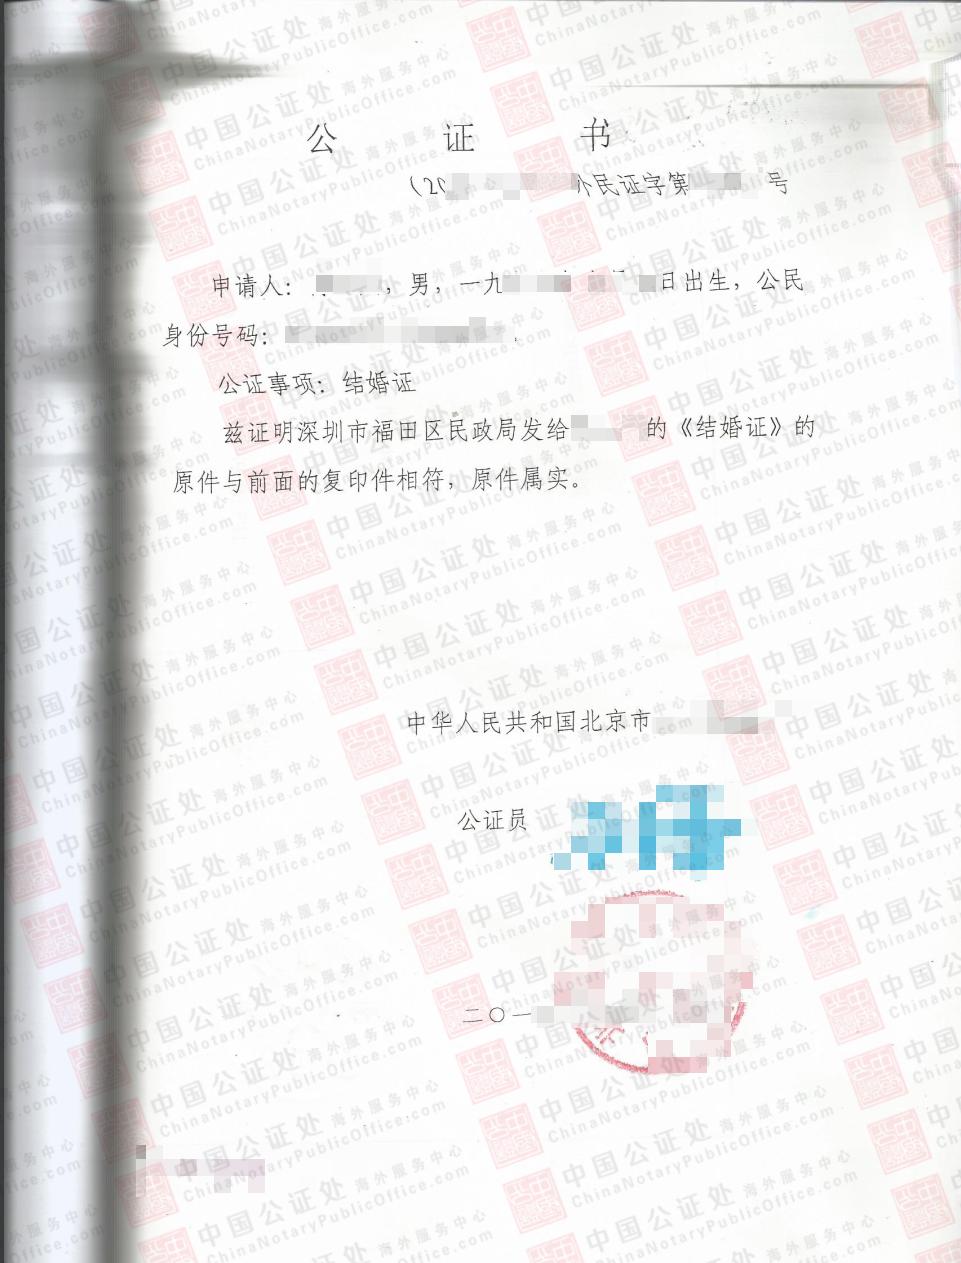 中国亲属关系公证书与结婚证公证书,有什么区别?,中国公证处海外服务中心